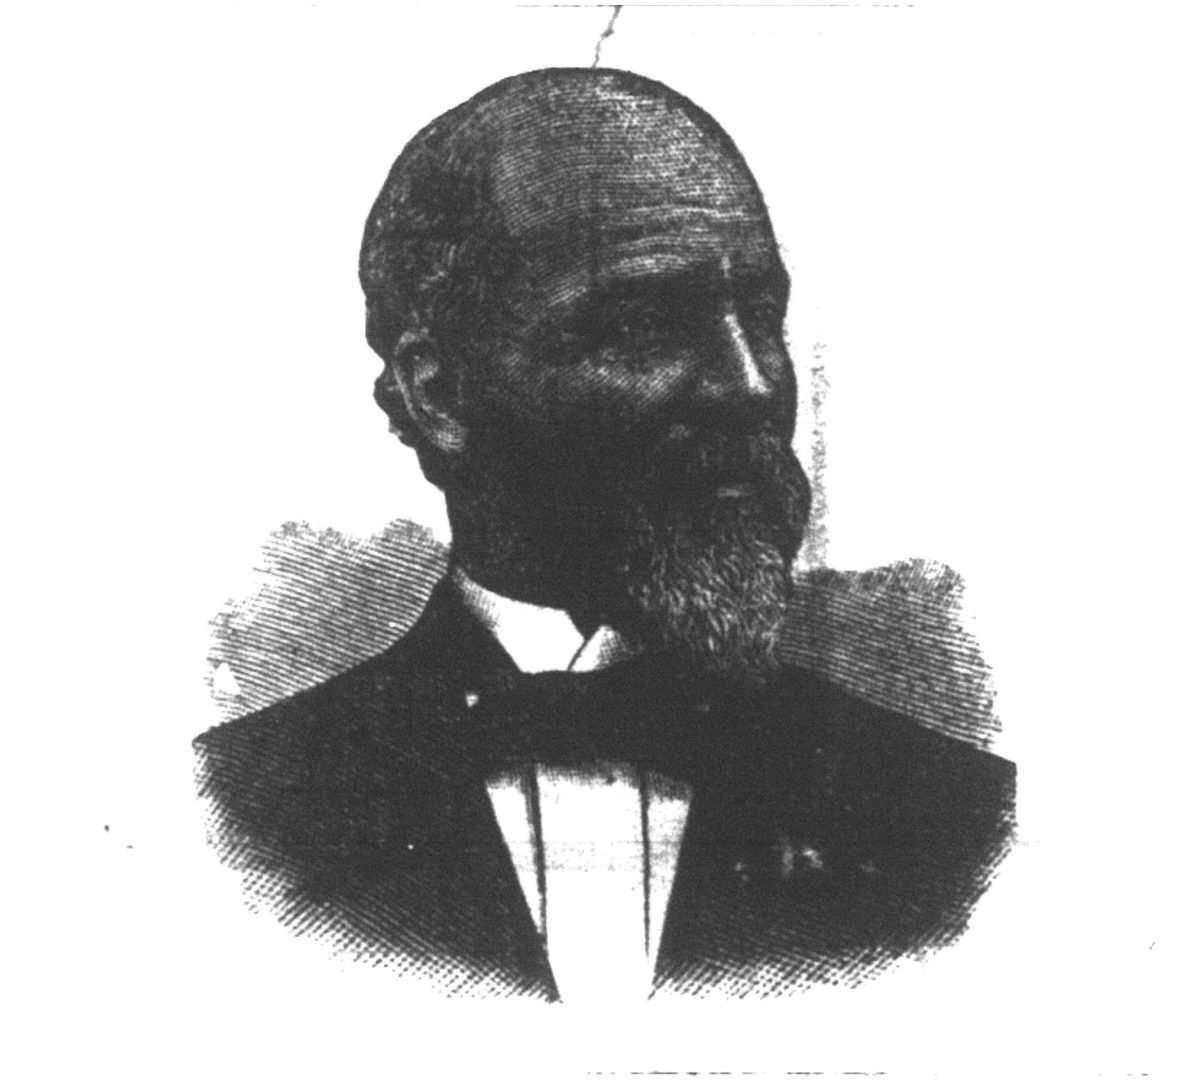 Joseph E. Farrar